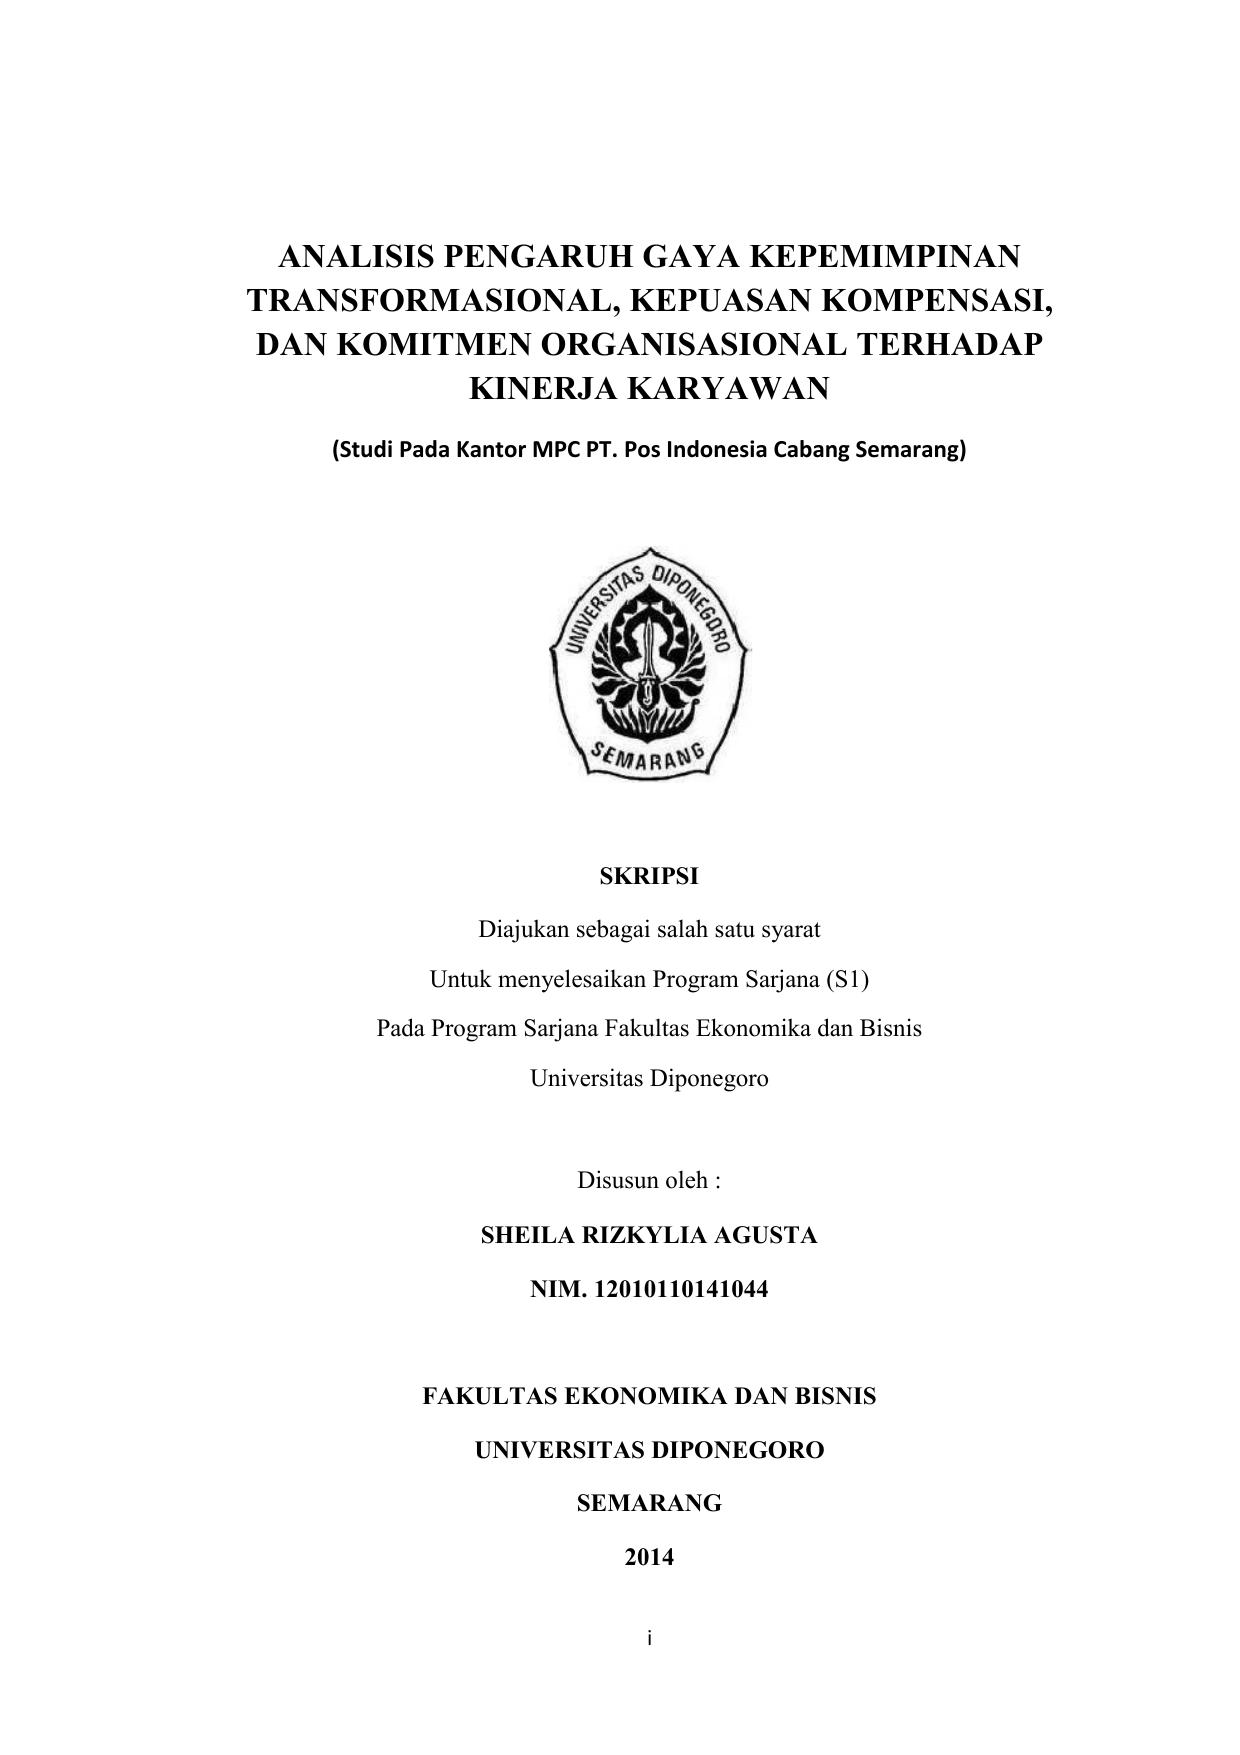 Skripsi Pengaruh Gaya Kepemimpinan Transformasional Terhadap Kinerja Karyawan Kumpulan Berbagai Skripsi